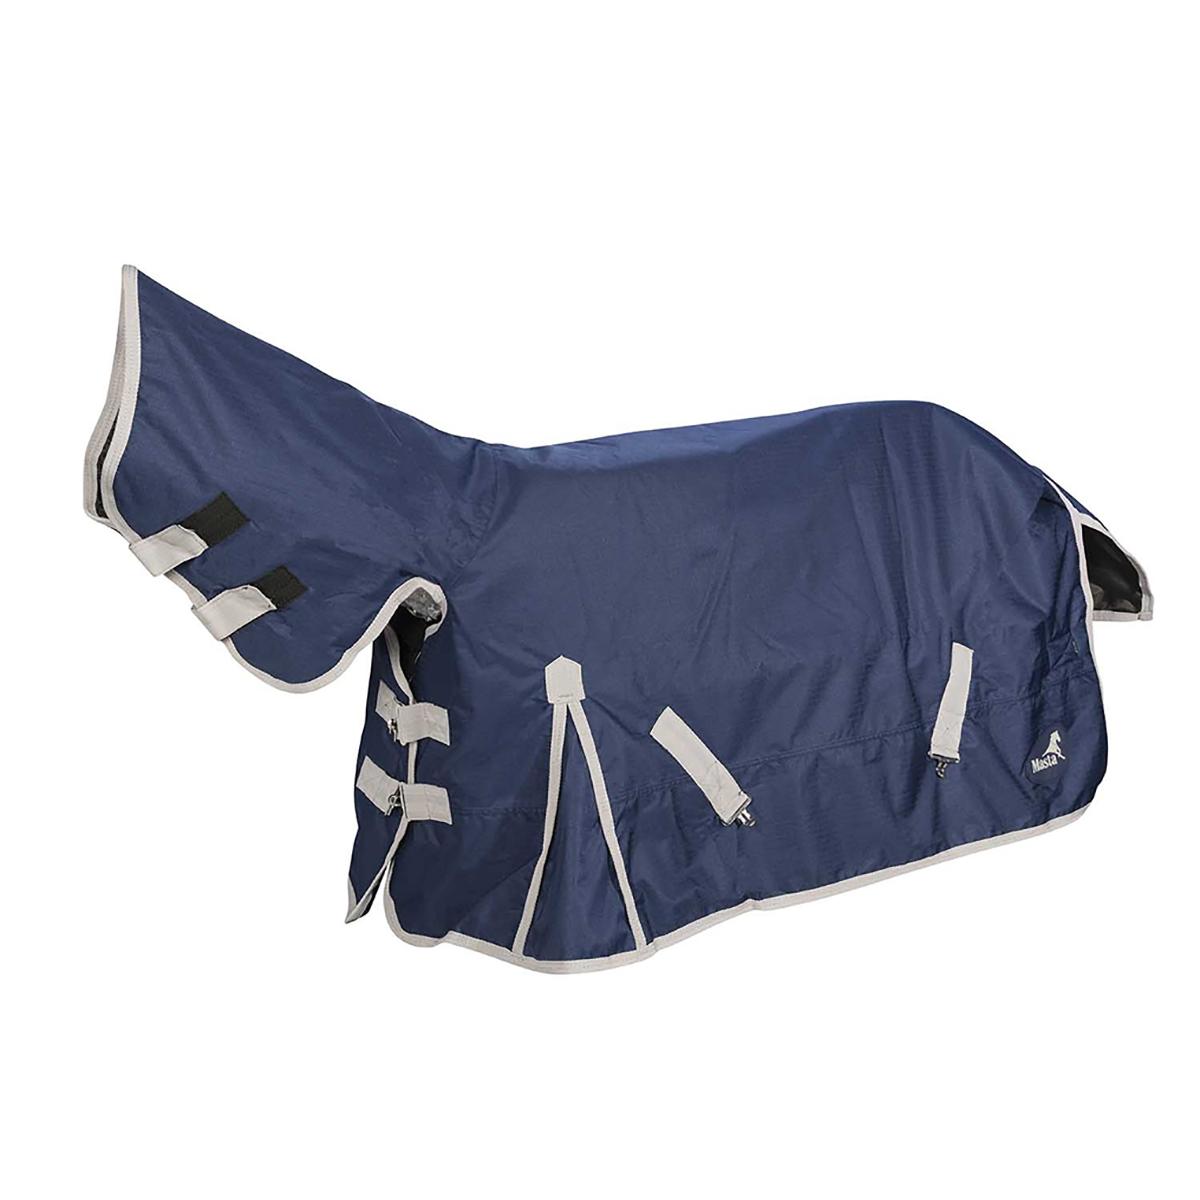 (マスタ) Masta 馬用 TEX ベーシック 200g ターンアウトラグ 一体型ネックカバー付き 馬着 乗馬 ホースライディング 【海外直送】